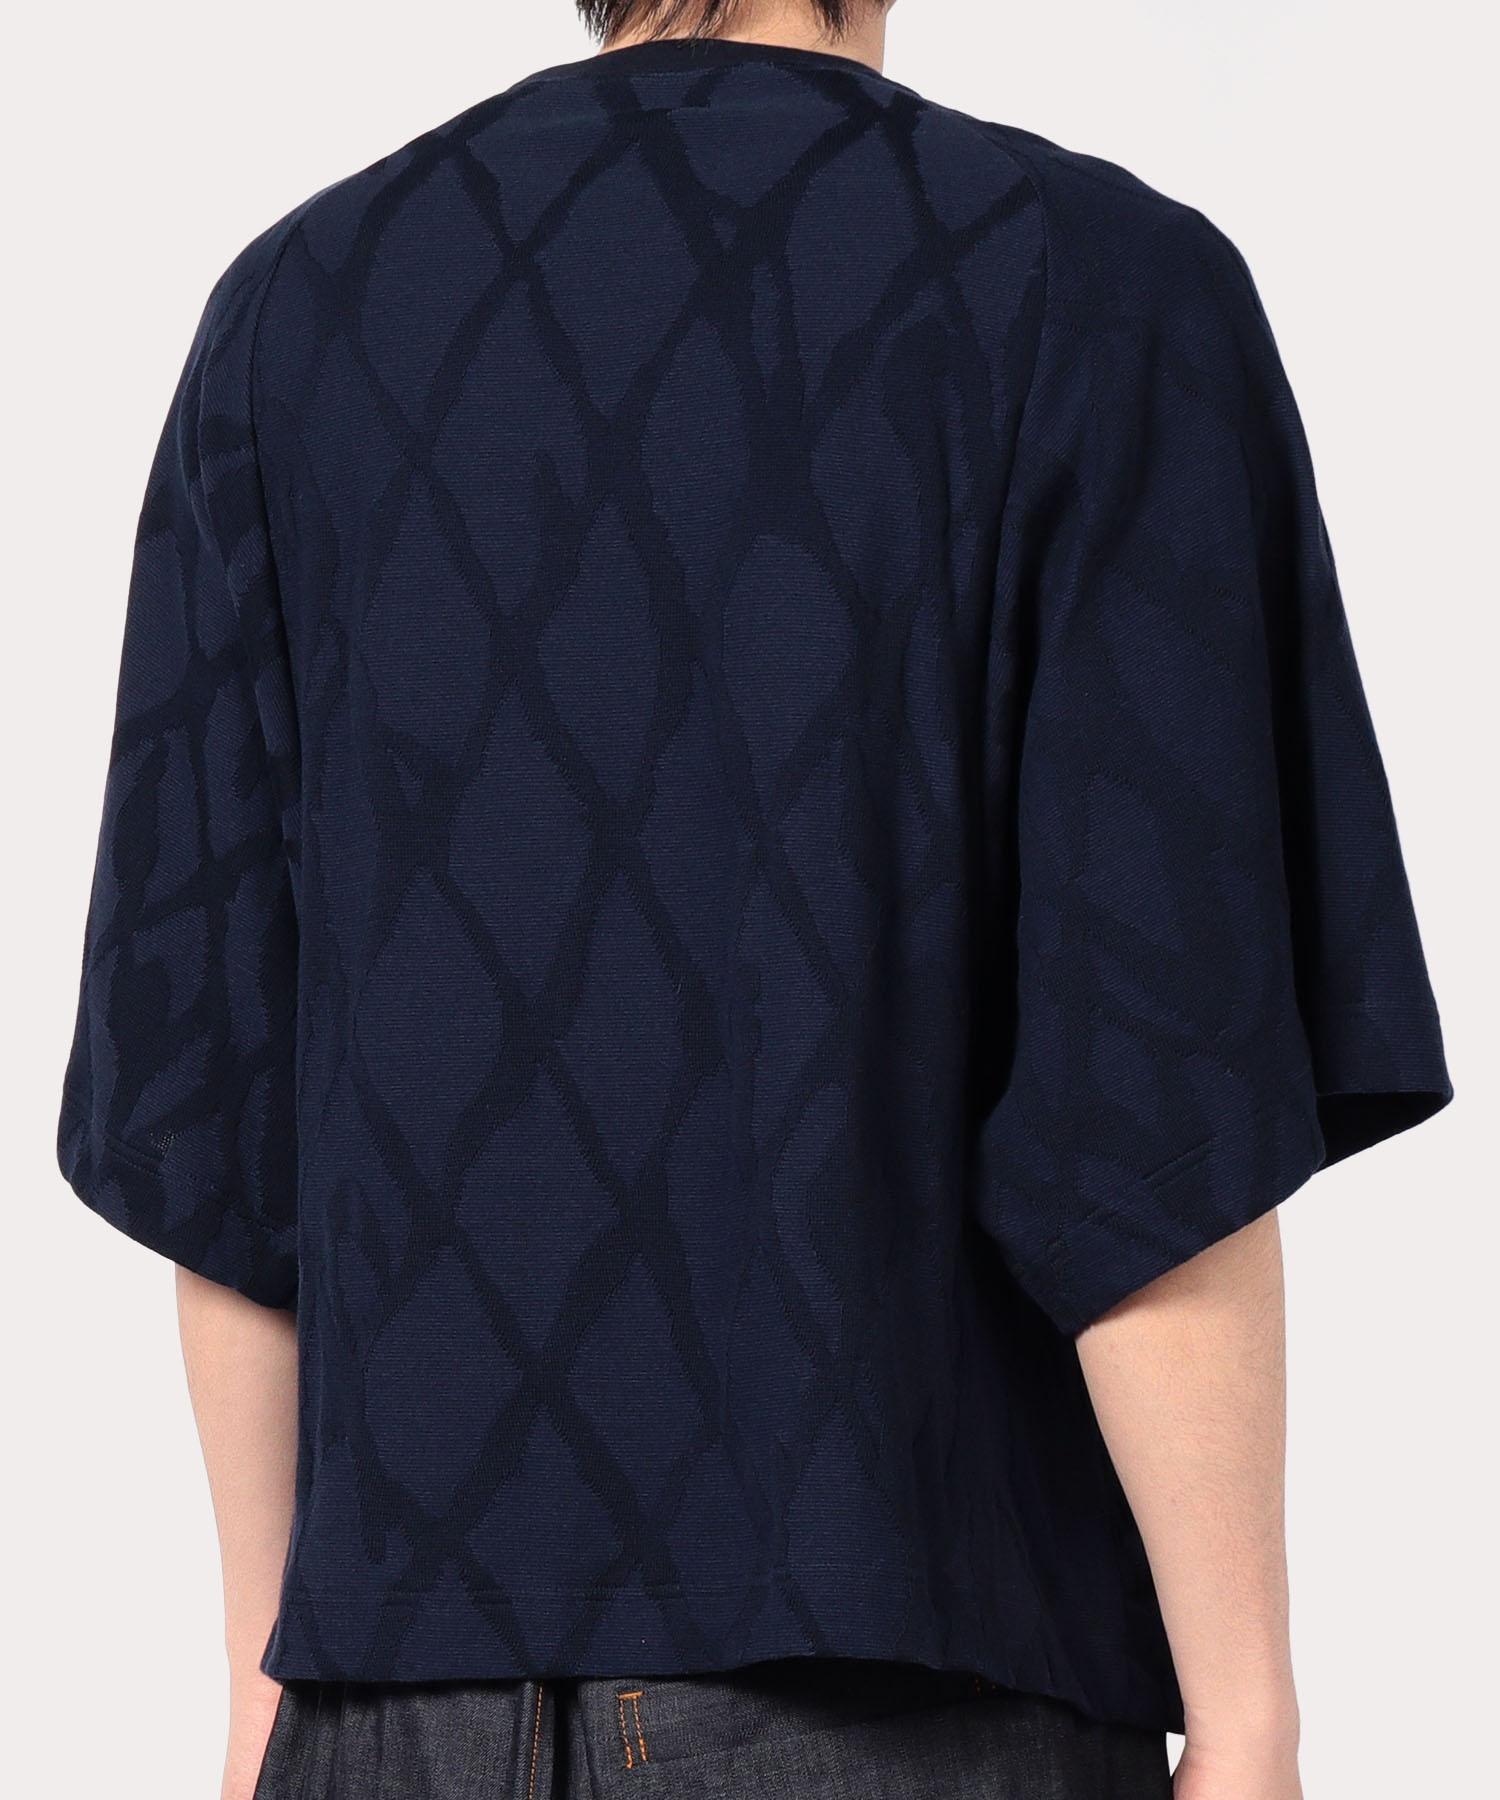 オンラインショップ限定 アーガイル フリーダムスリーブ半袖Tシャツ